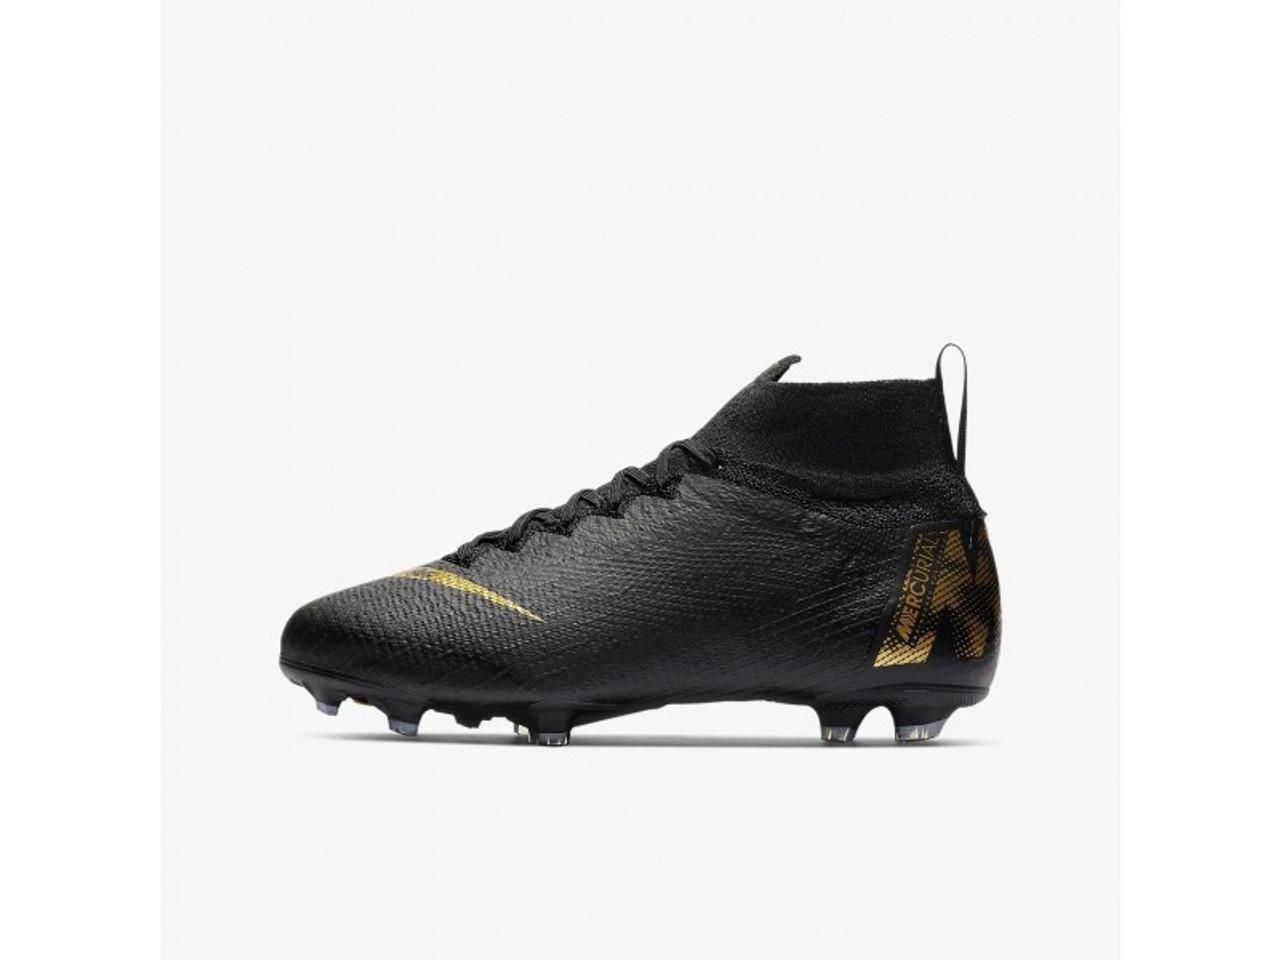 3c29a1d40d0a NIKE JR SUPERFLY 6 ELITE FG BLACK/GOLD - Soccer Plus